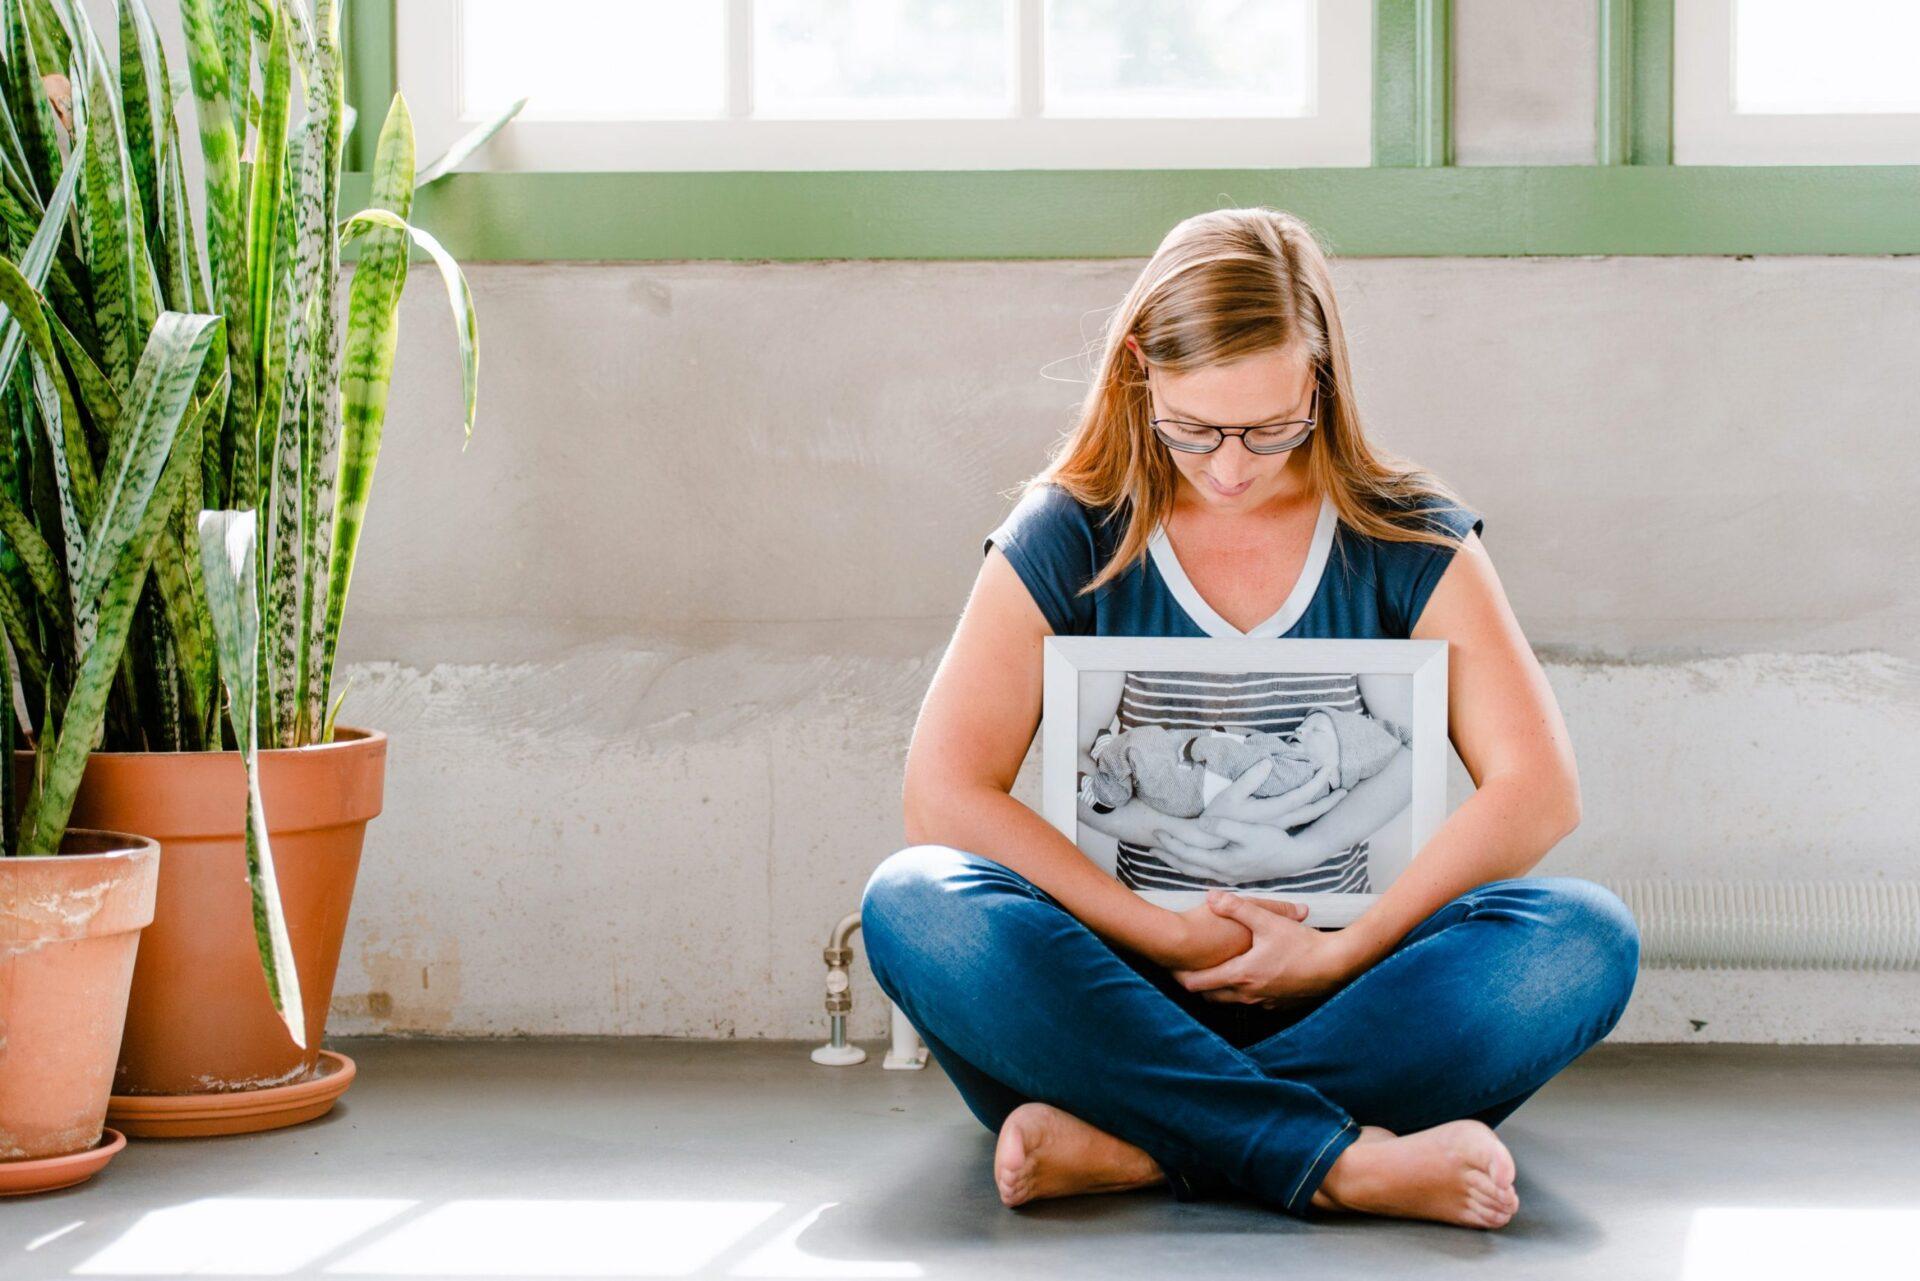 Fotoreportage HiskeKuilman 16 e1560328205738 scaled Hiske over het verlies van haar baby: 'Kort na de ruggenprik werd Hugo uit mijn buik getild. Het was alleen stil, veel te stil.'